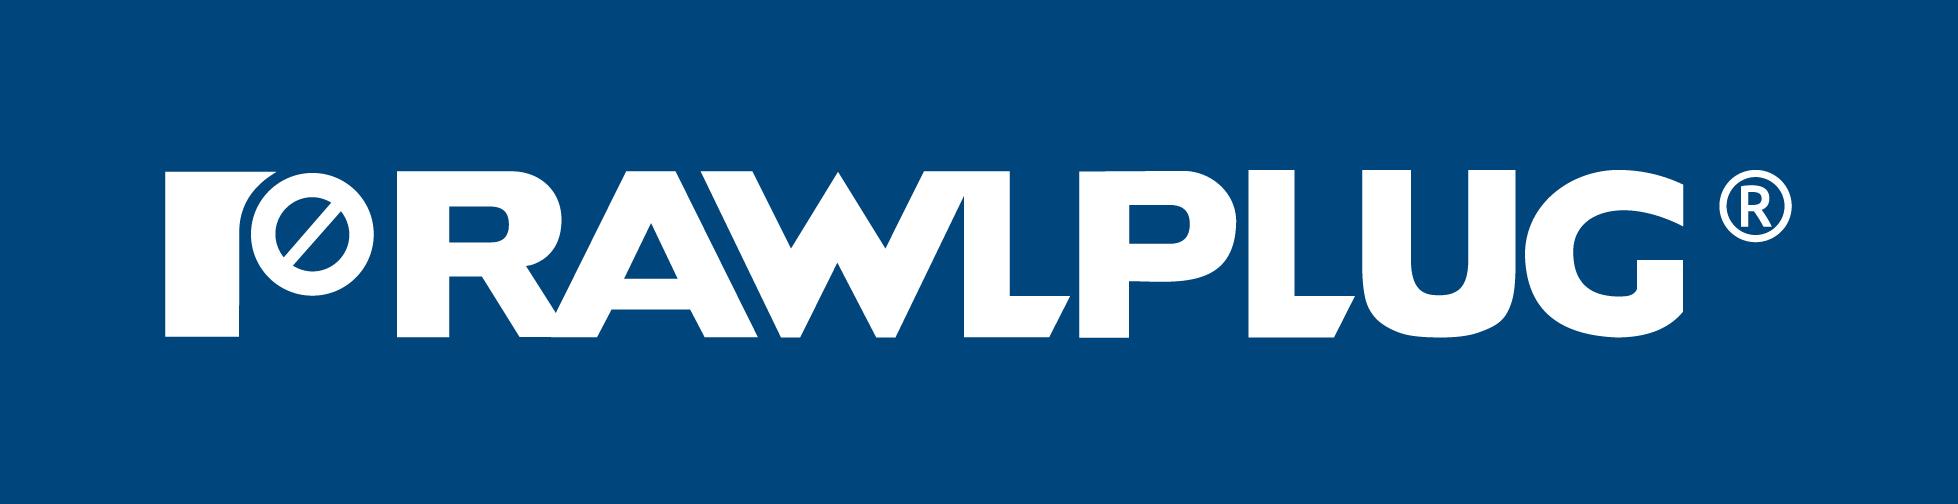 Rawlplug logo - white on blue